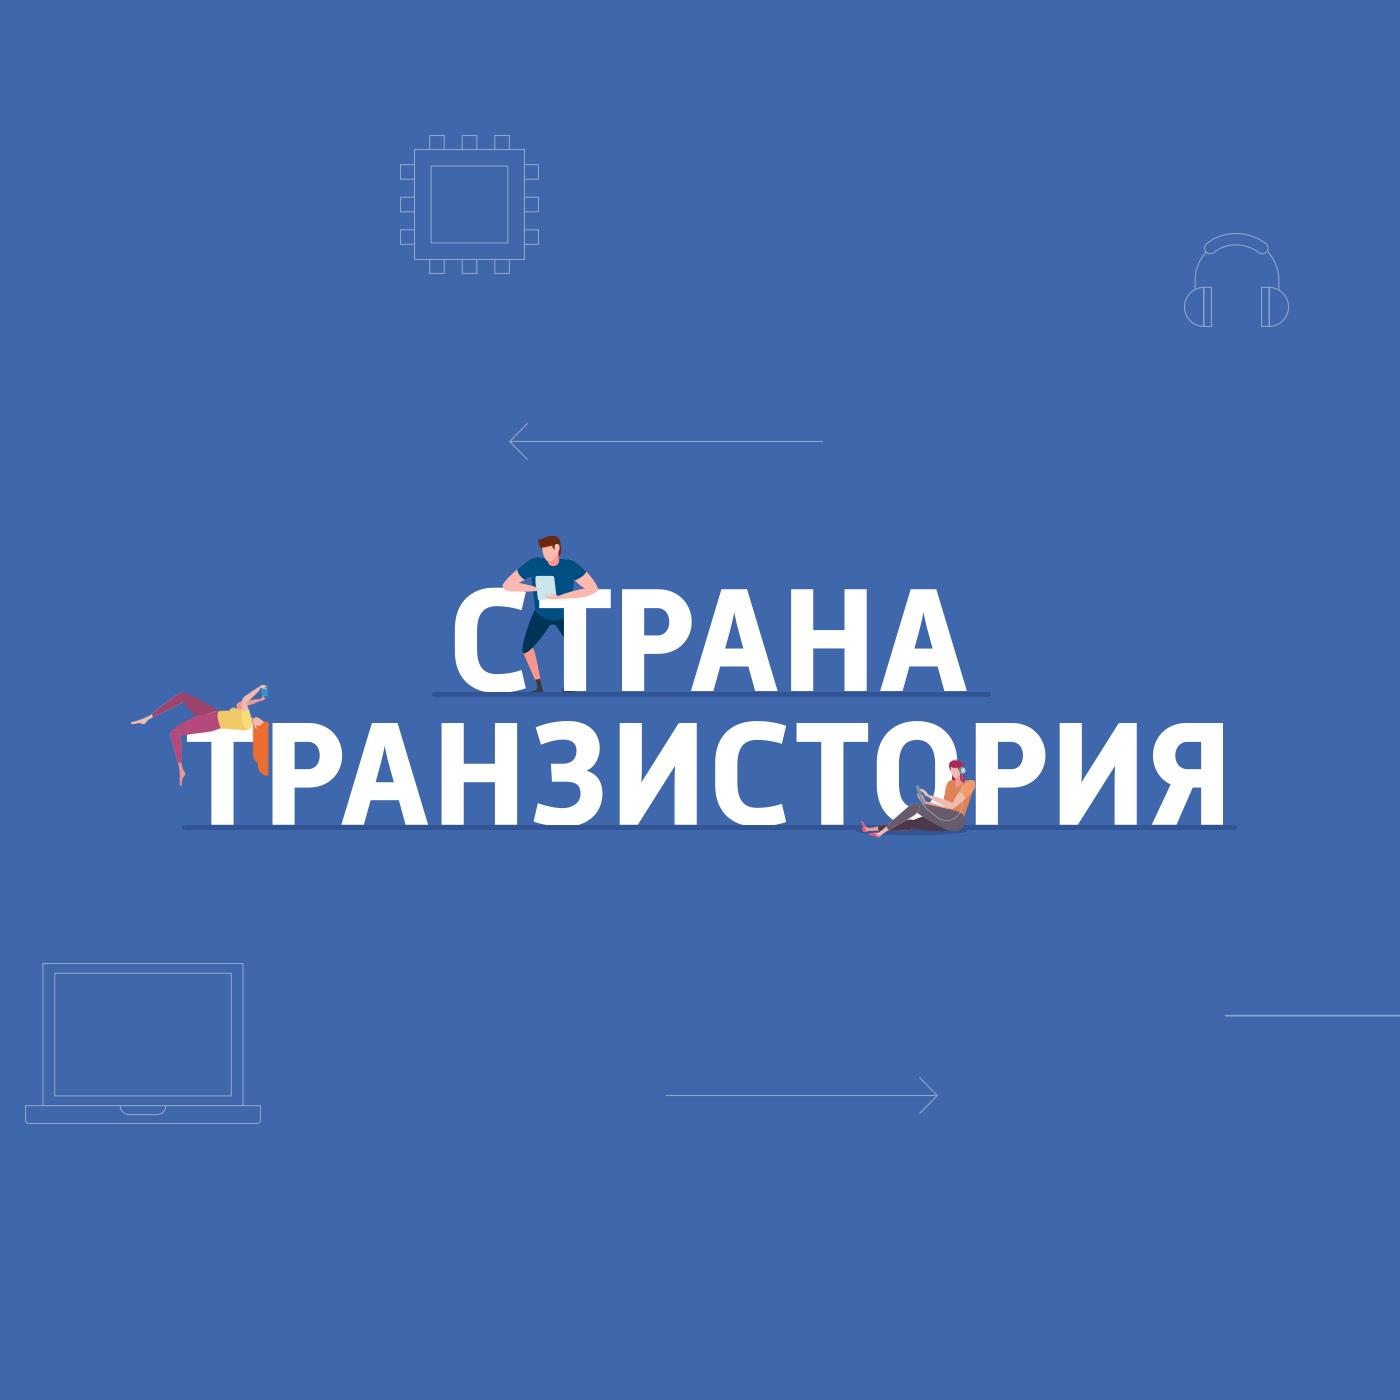 Картаев Павел В 2019 году жители России стали реже покупать смартфоны